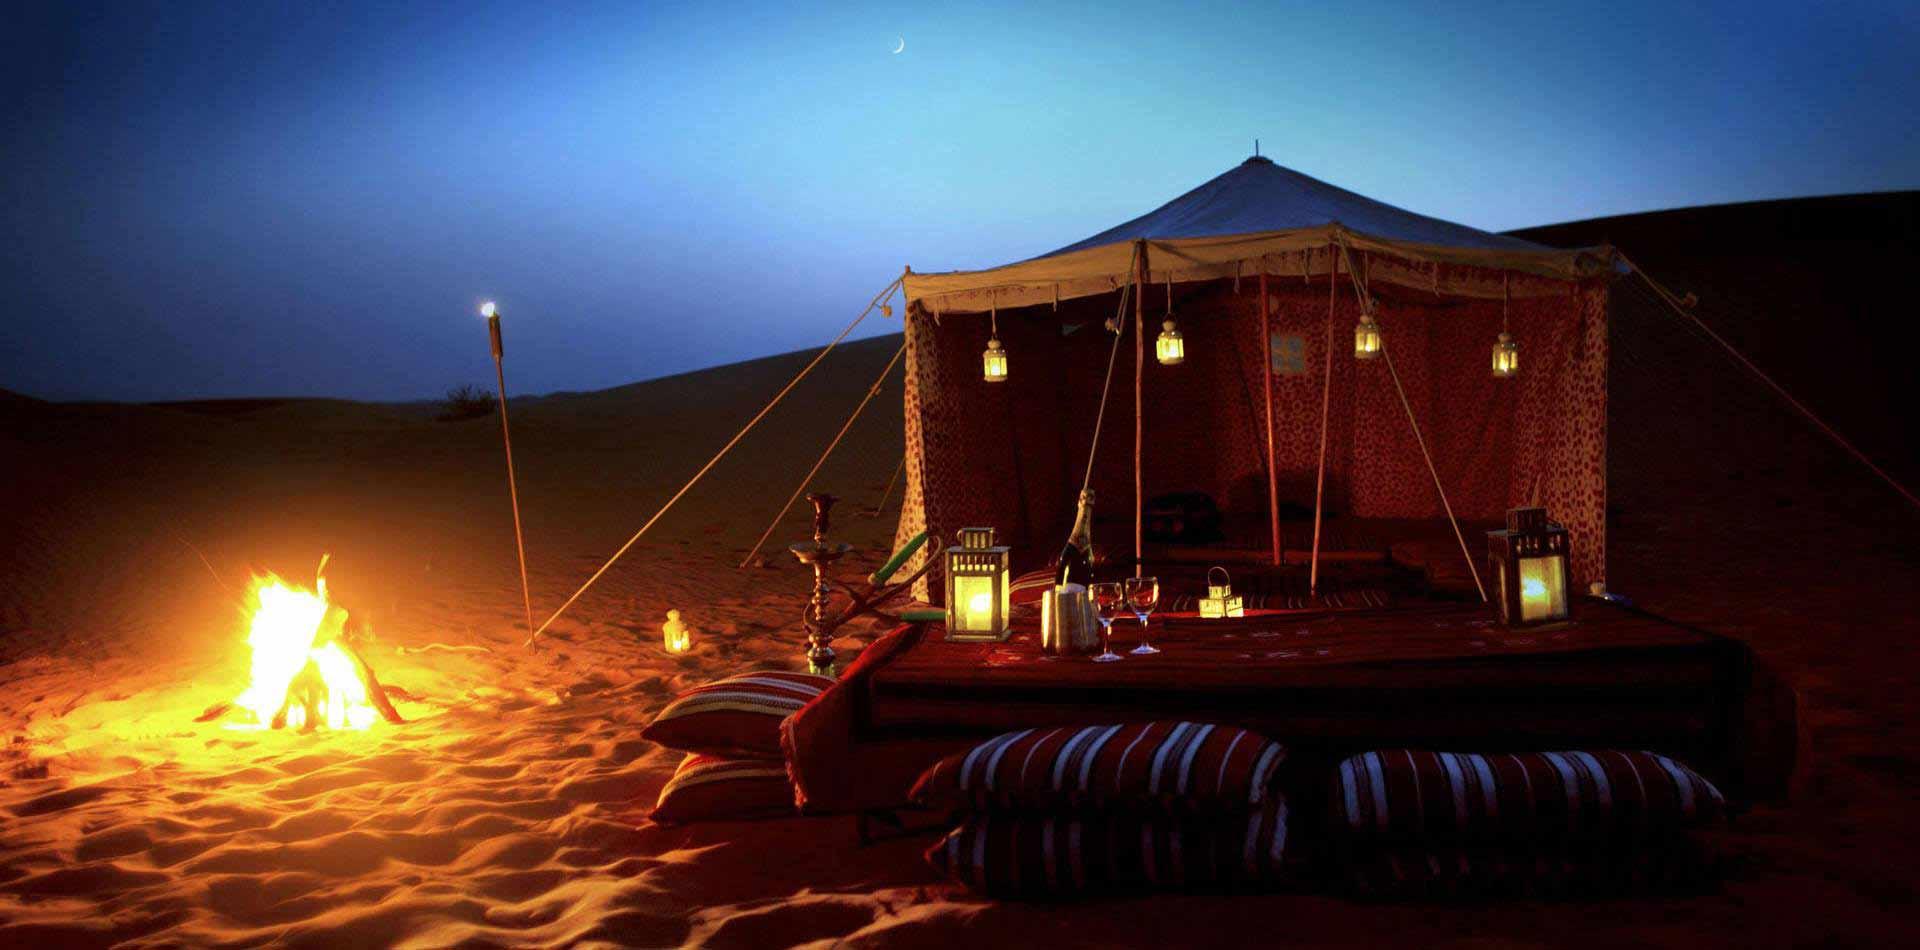 New Year eve in Desert Safari Dubai